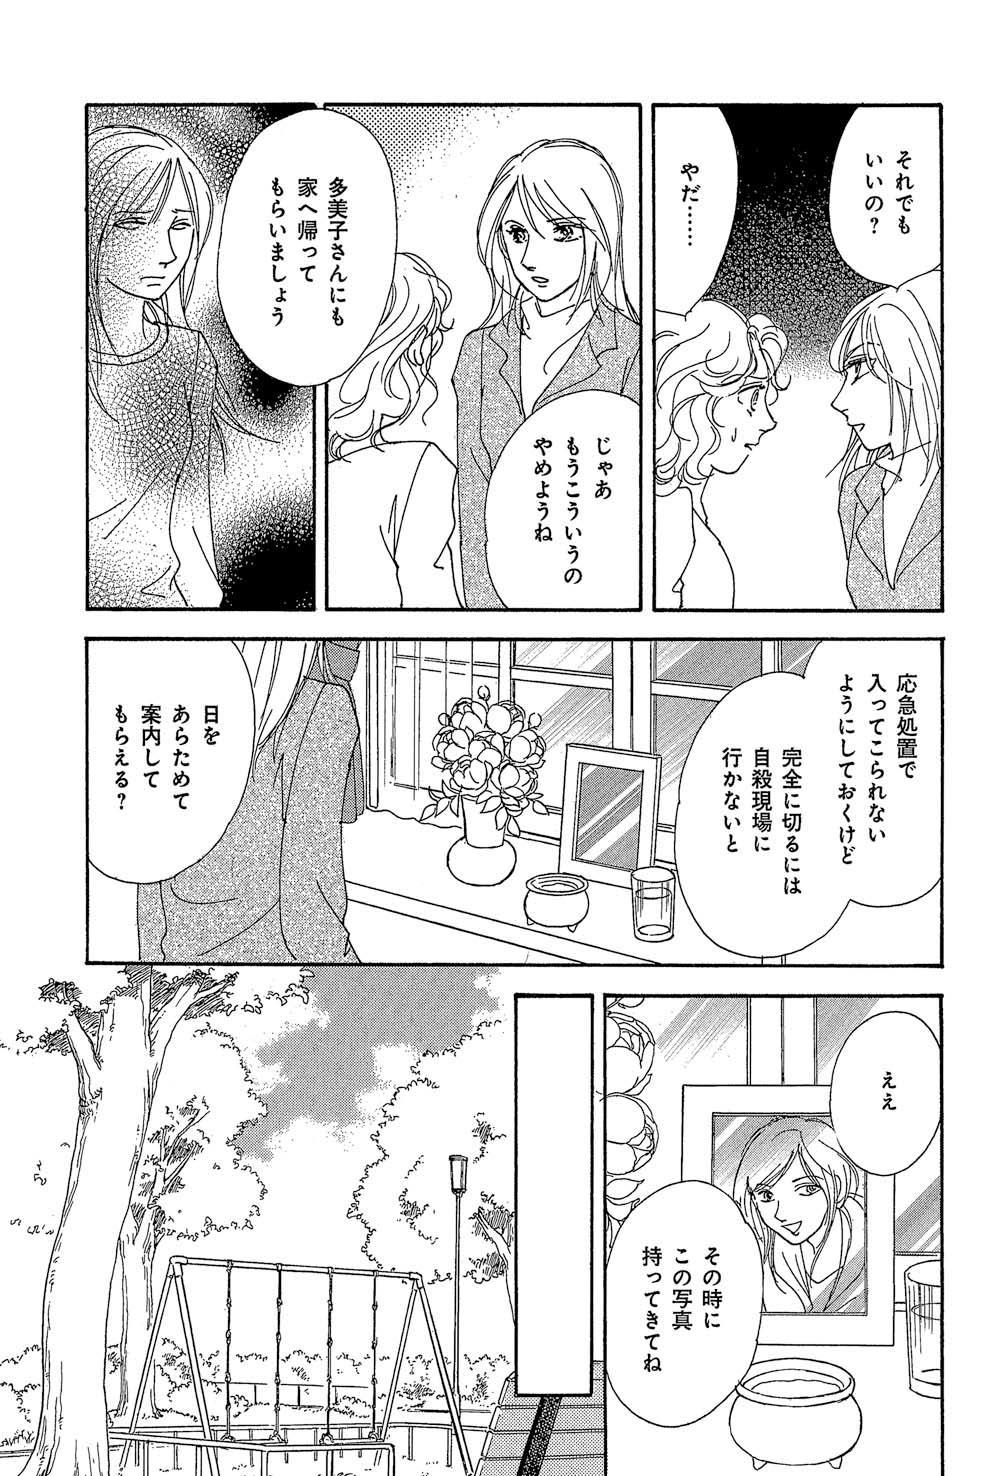 邪念の神殿_033.jpg